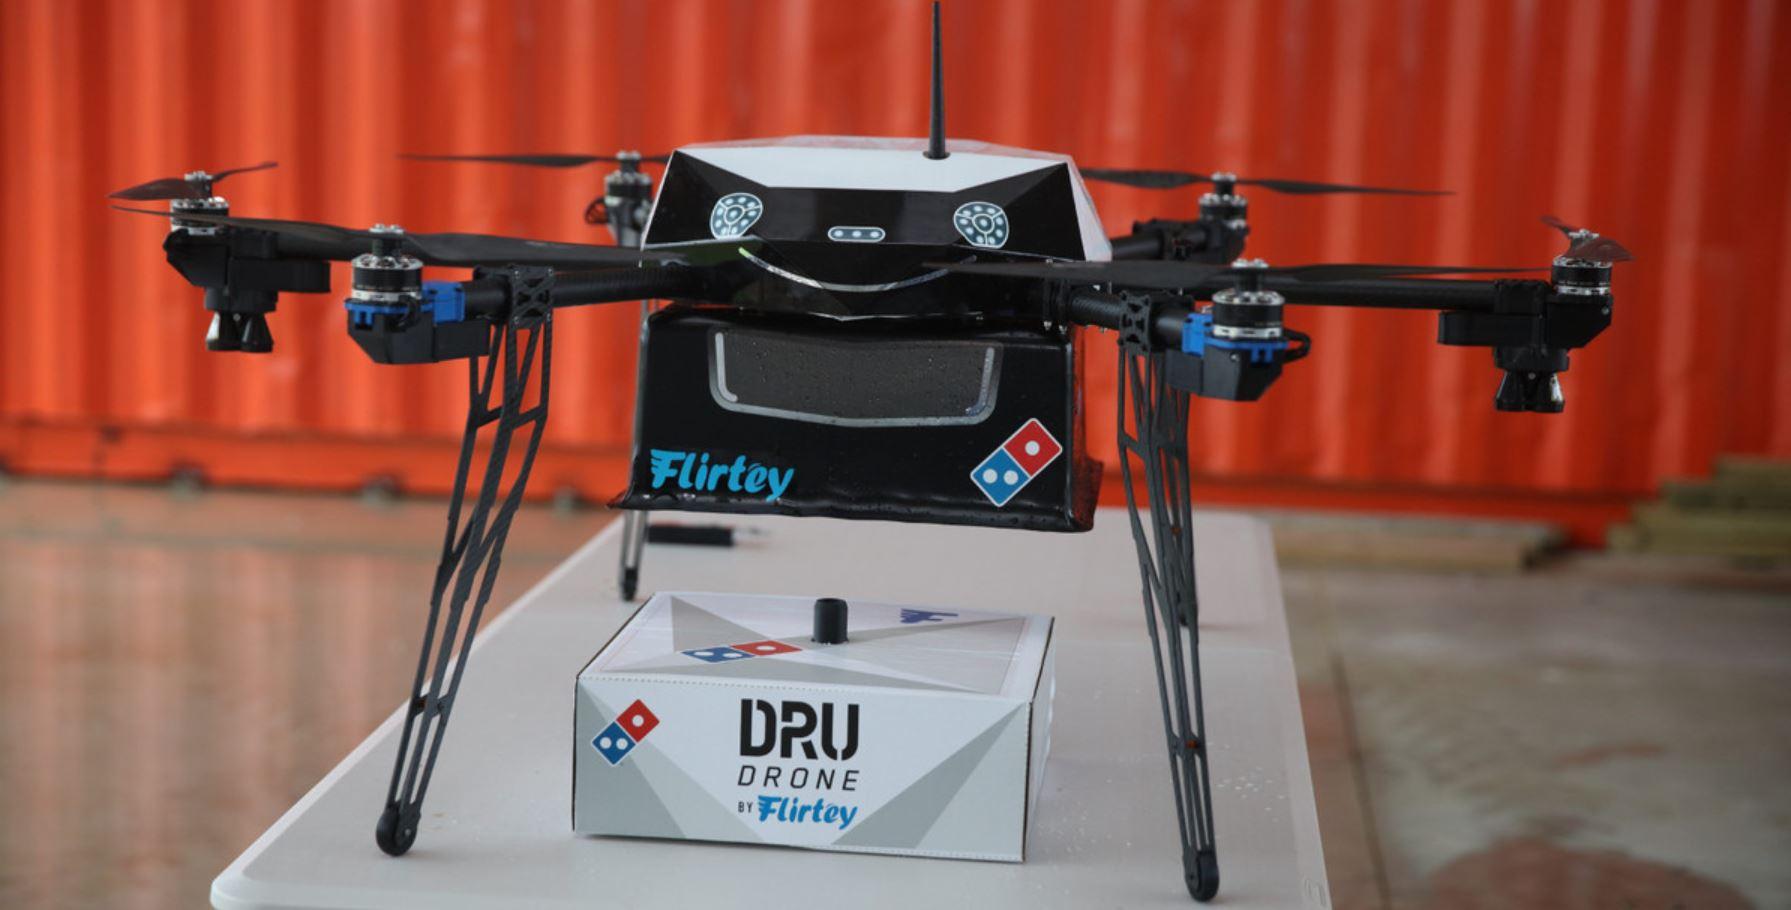 Domino's Pizza empezará a probar drones para hacer repartos